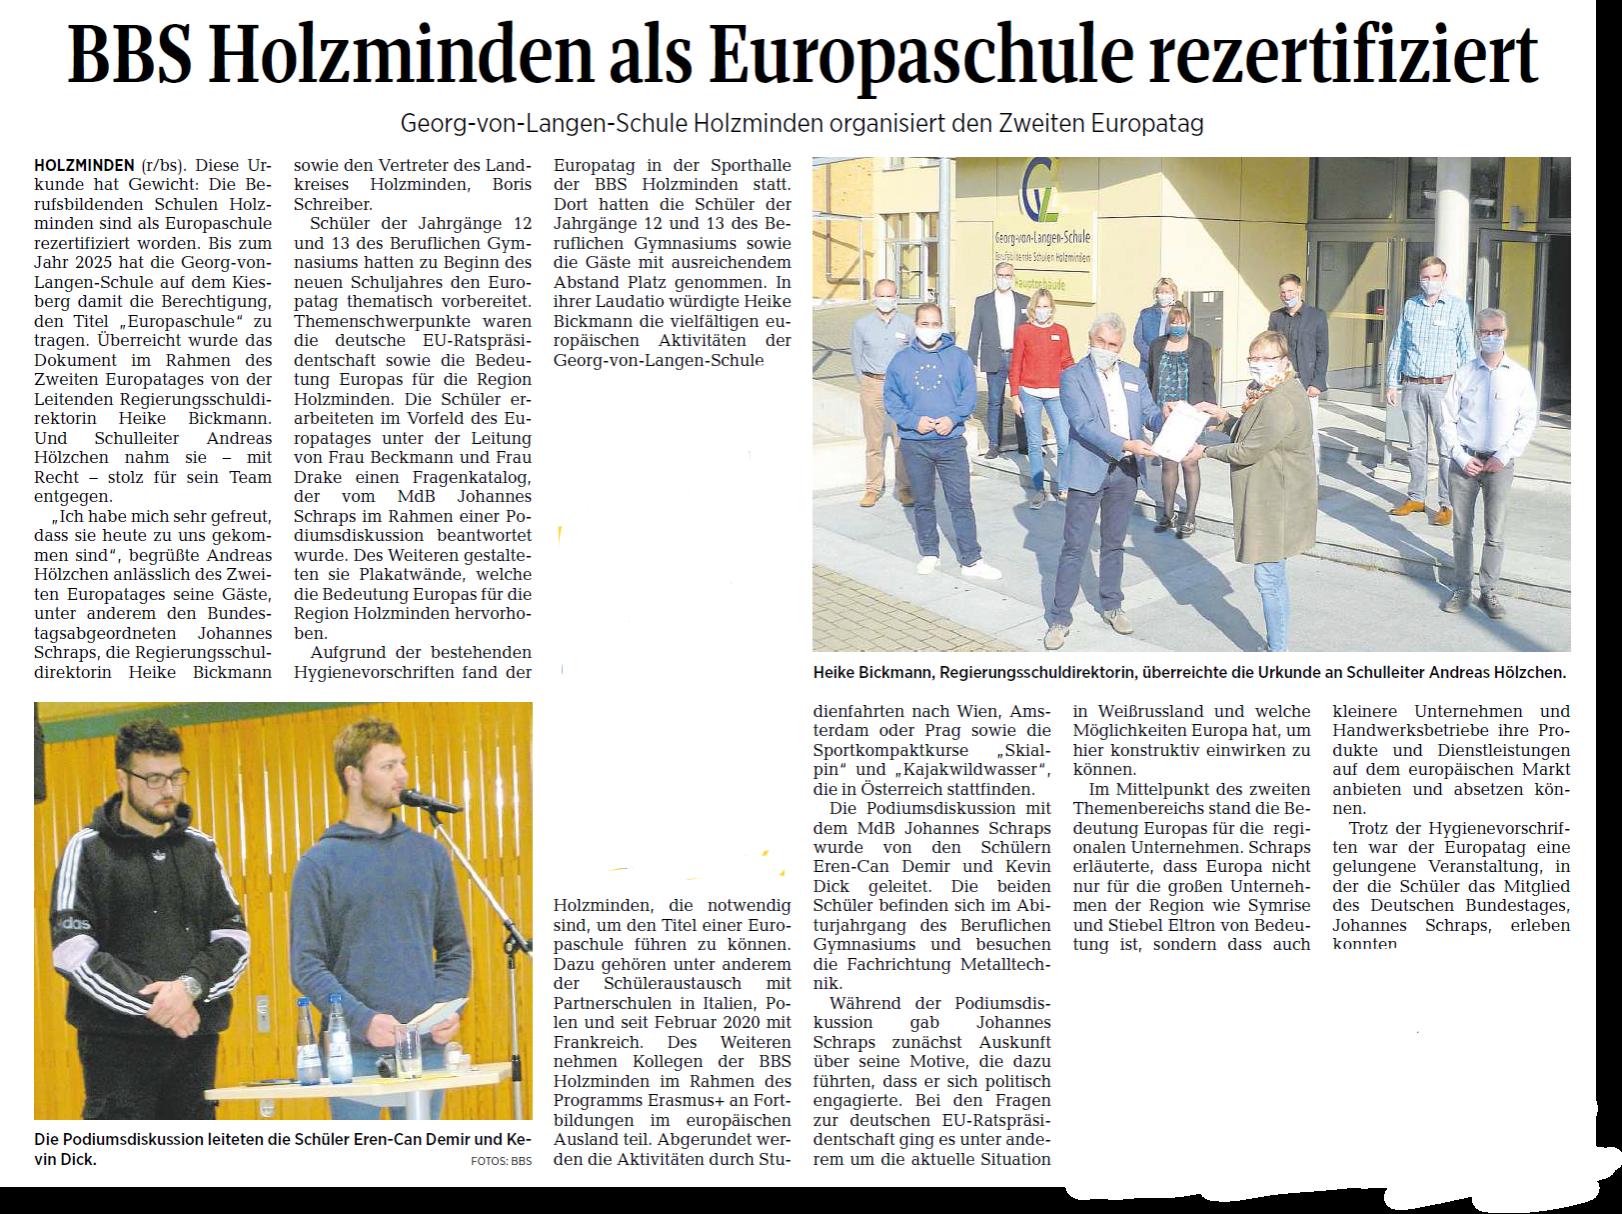 BBS Holzminden als Europaschule rezertifiziert